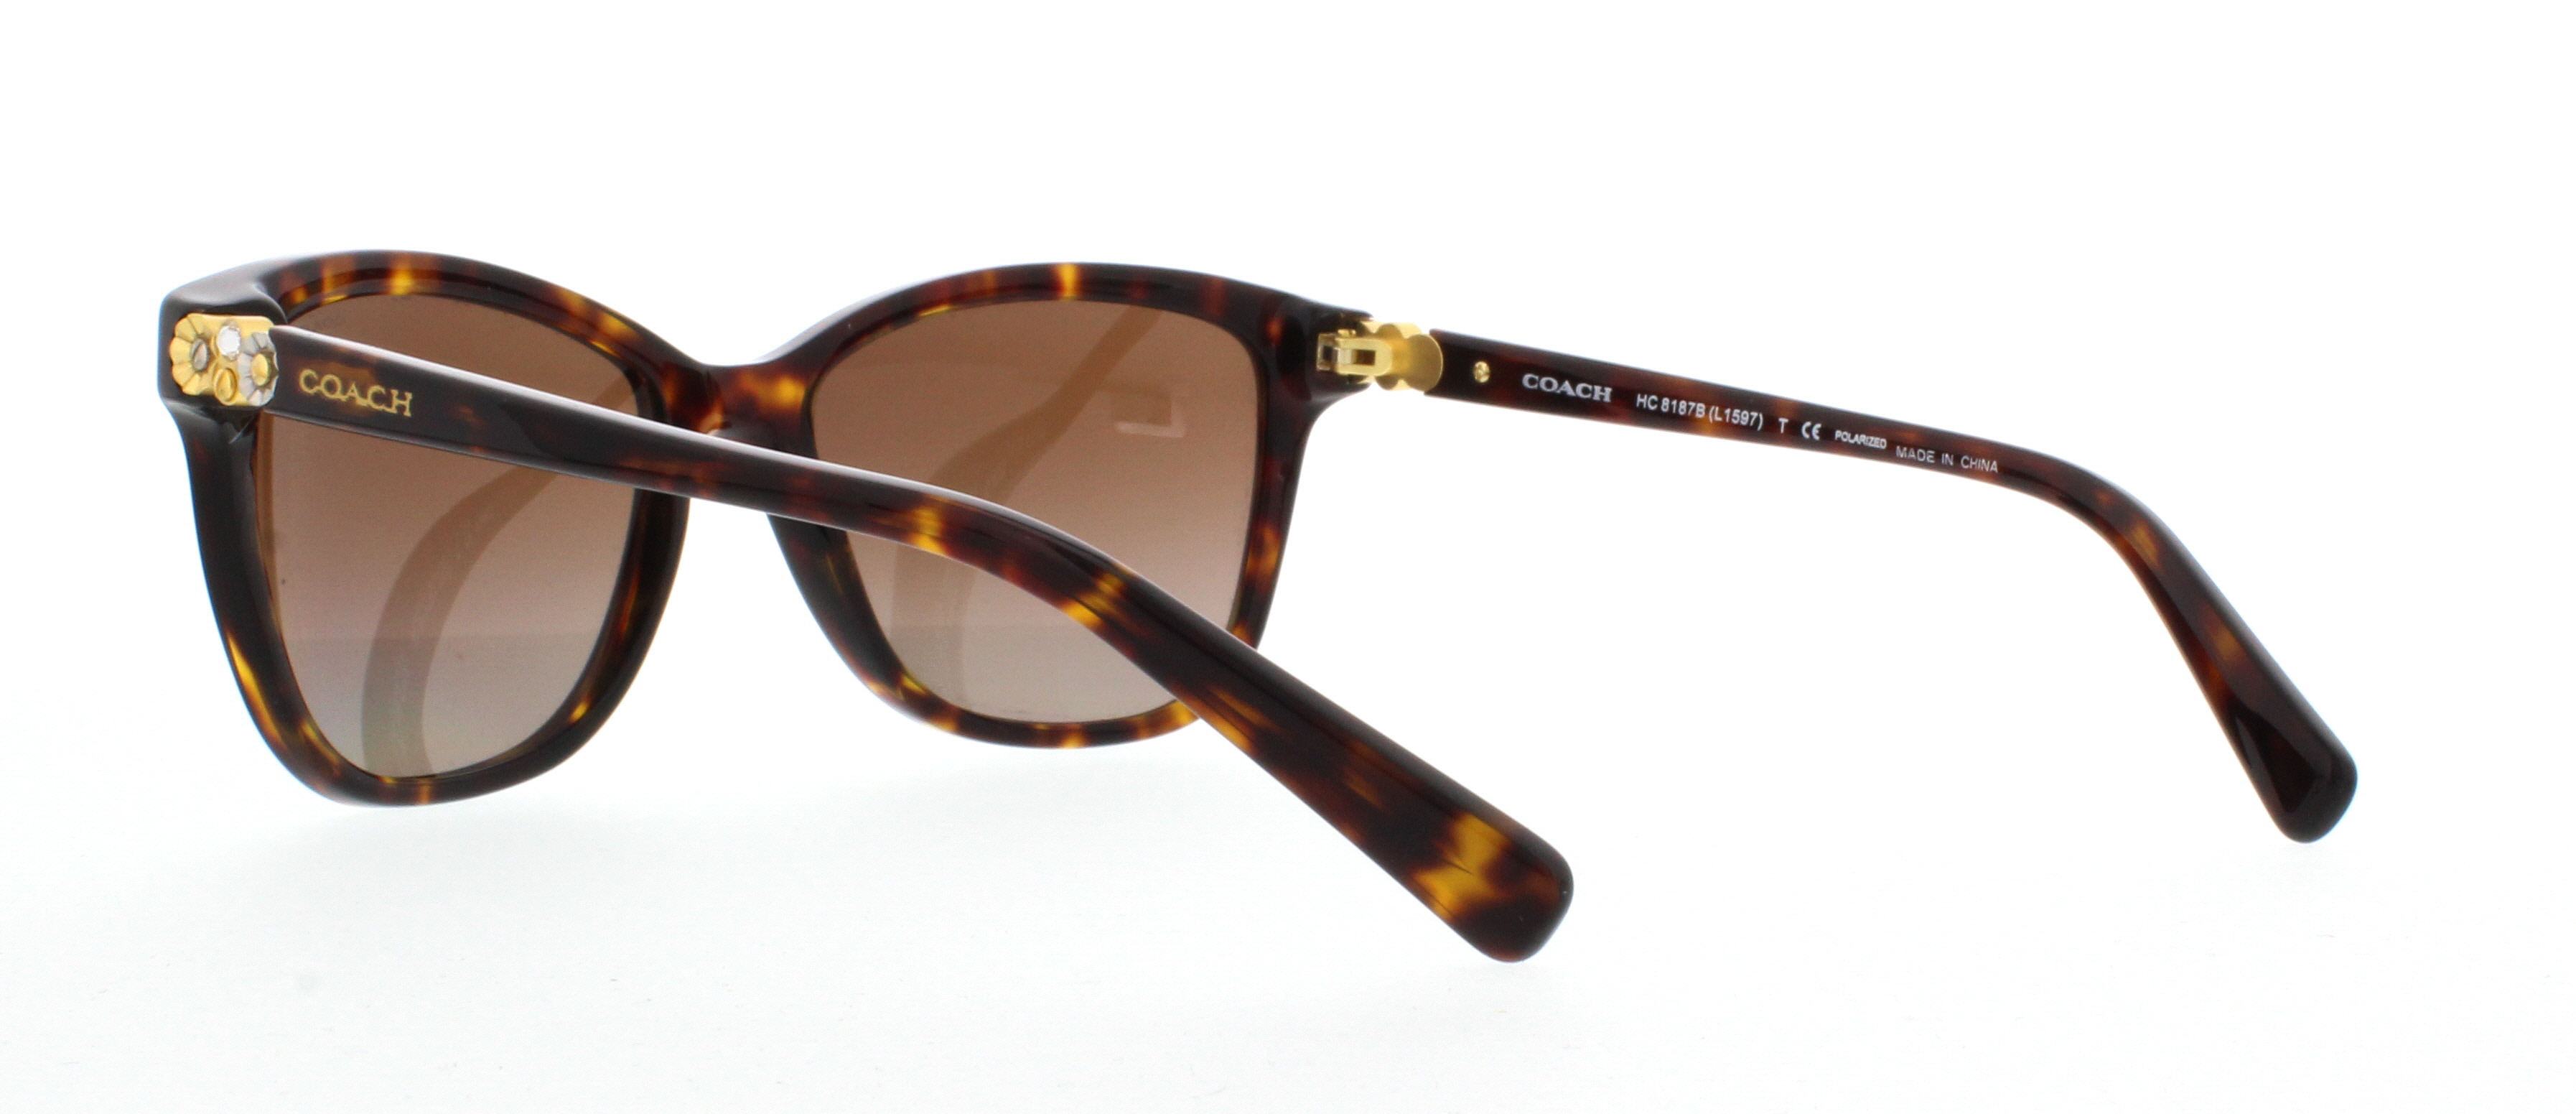 1e75292e7e9f2 ... order picture of coach sunglasses hc8187b l1597 3310c f73b6